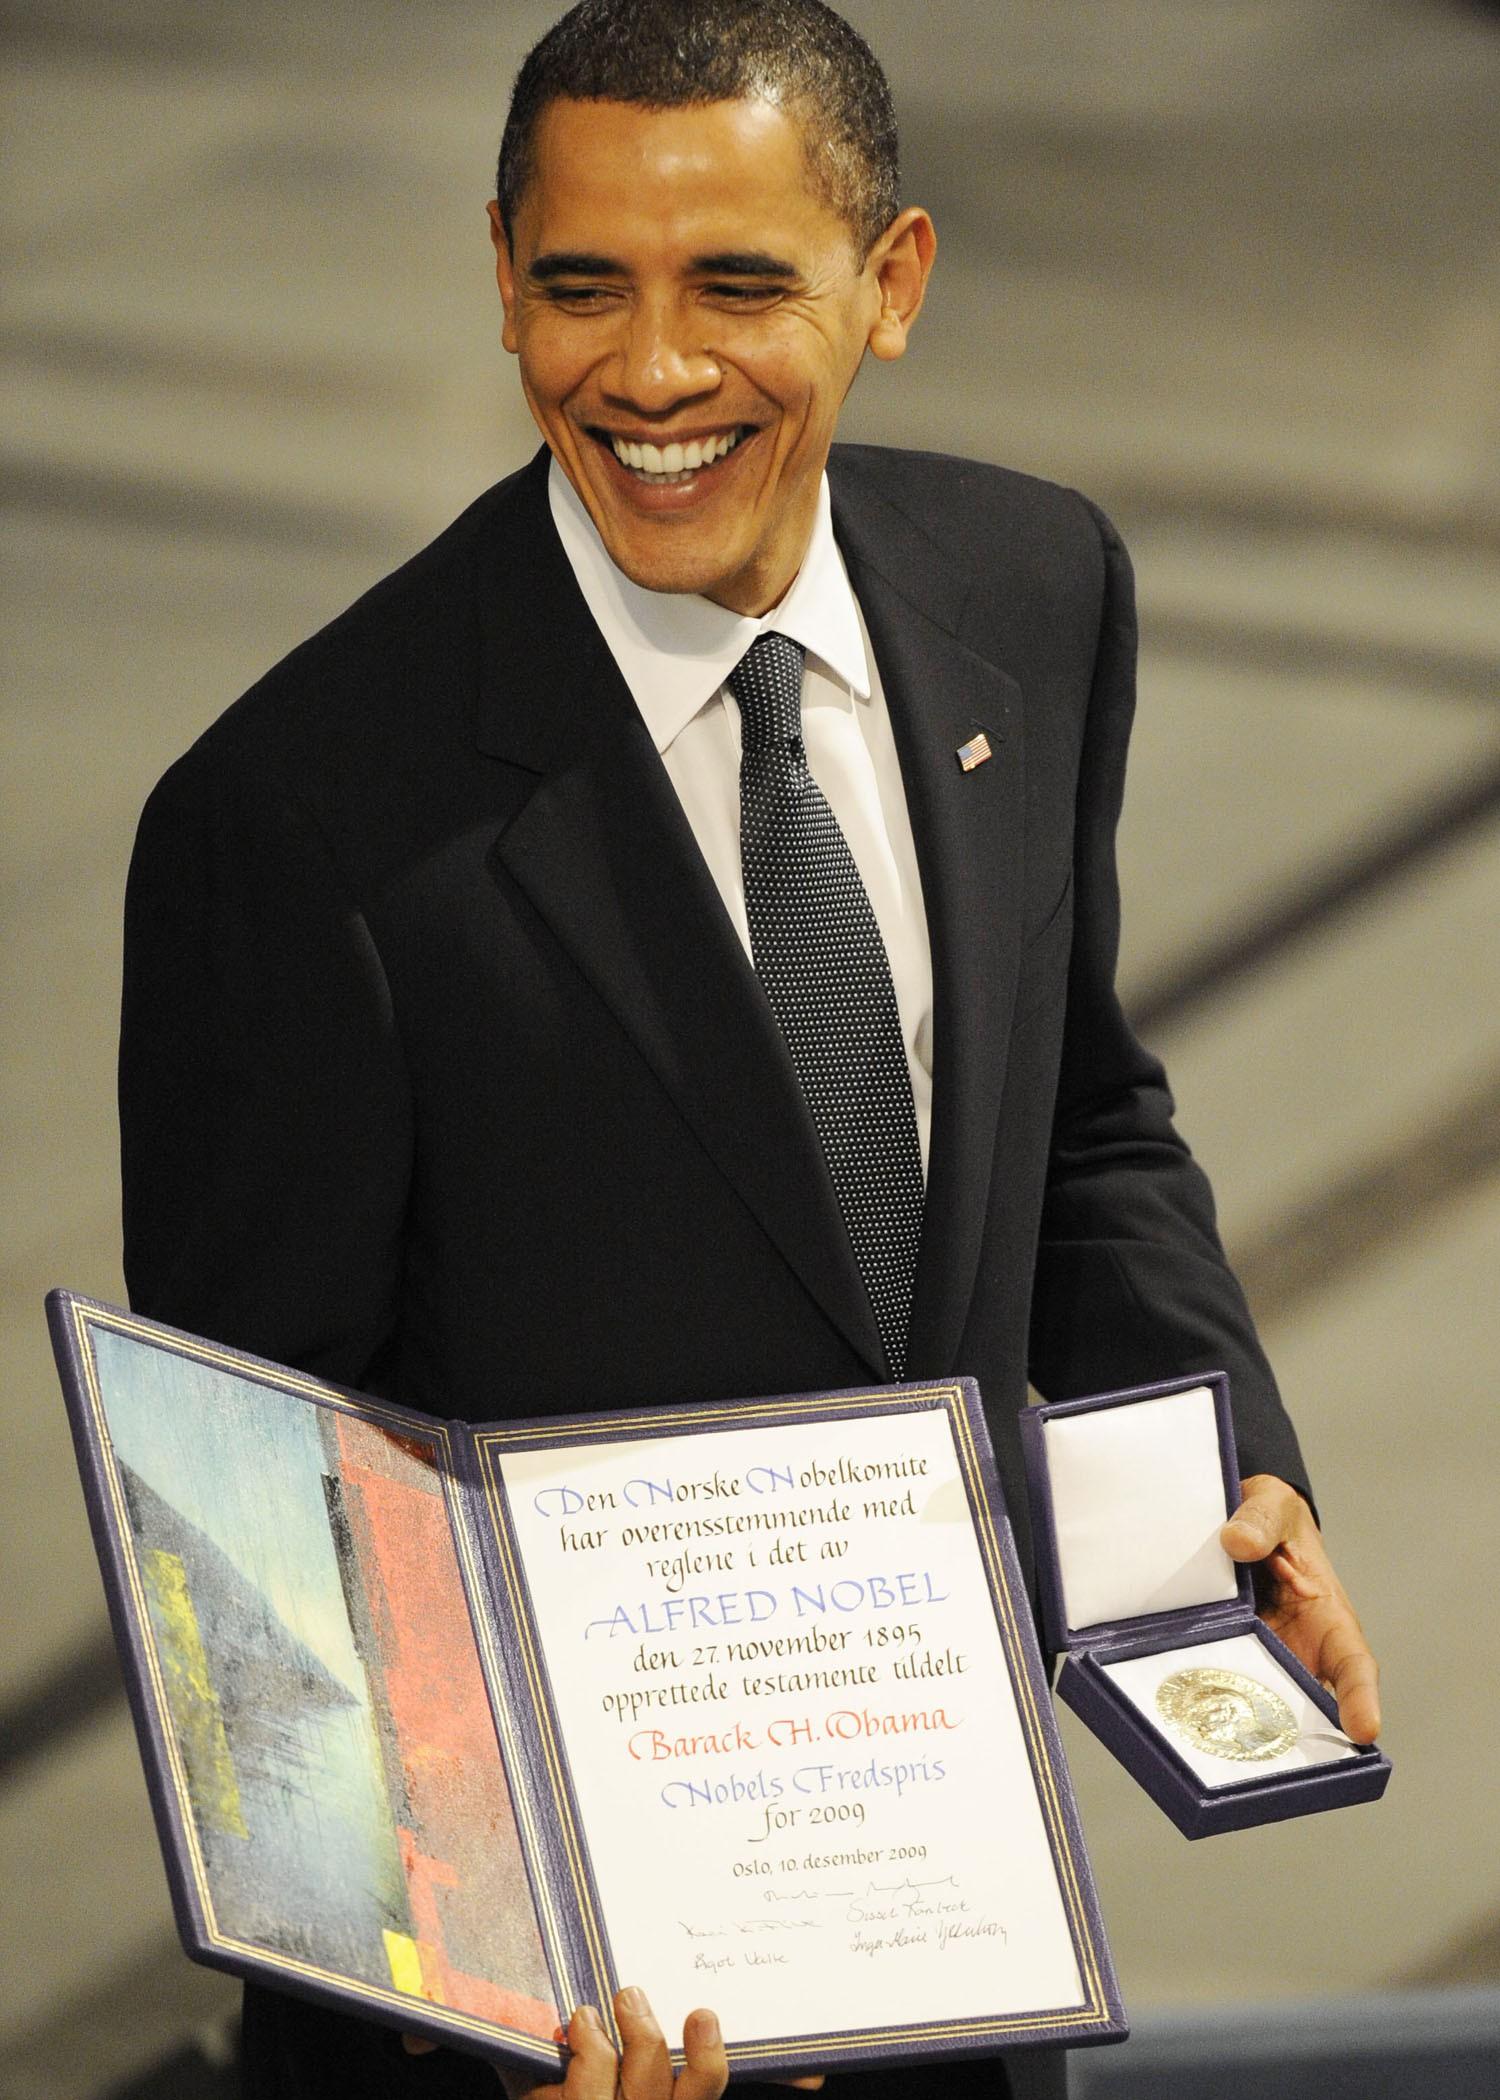 Số phận những món quà ngoại giao sẽ đi về đâu khi không phải tài sản riêng của Tổng thống Mỹ? - Ảnh 3.